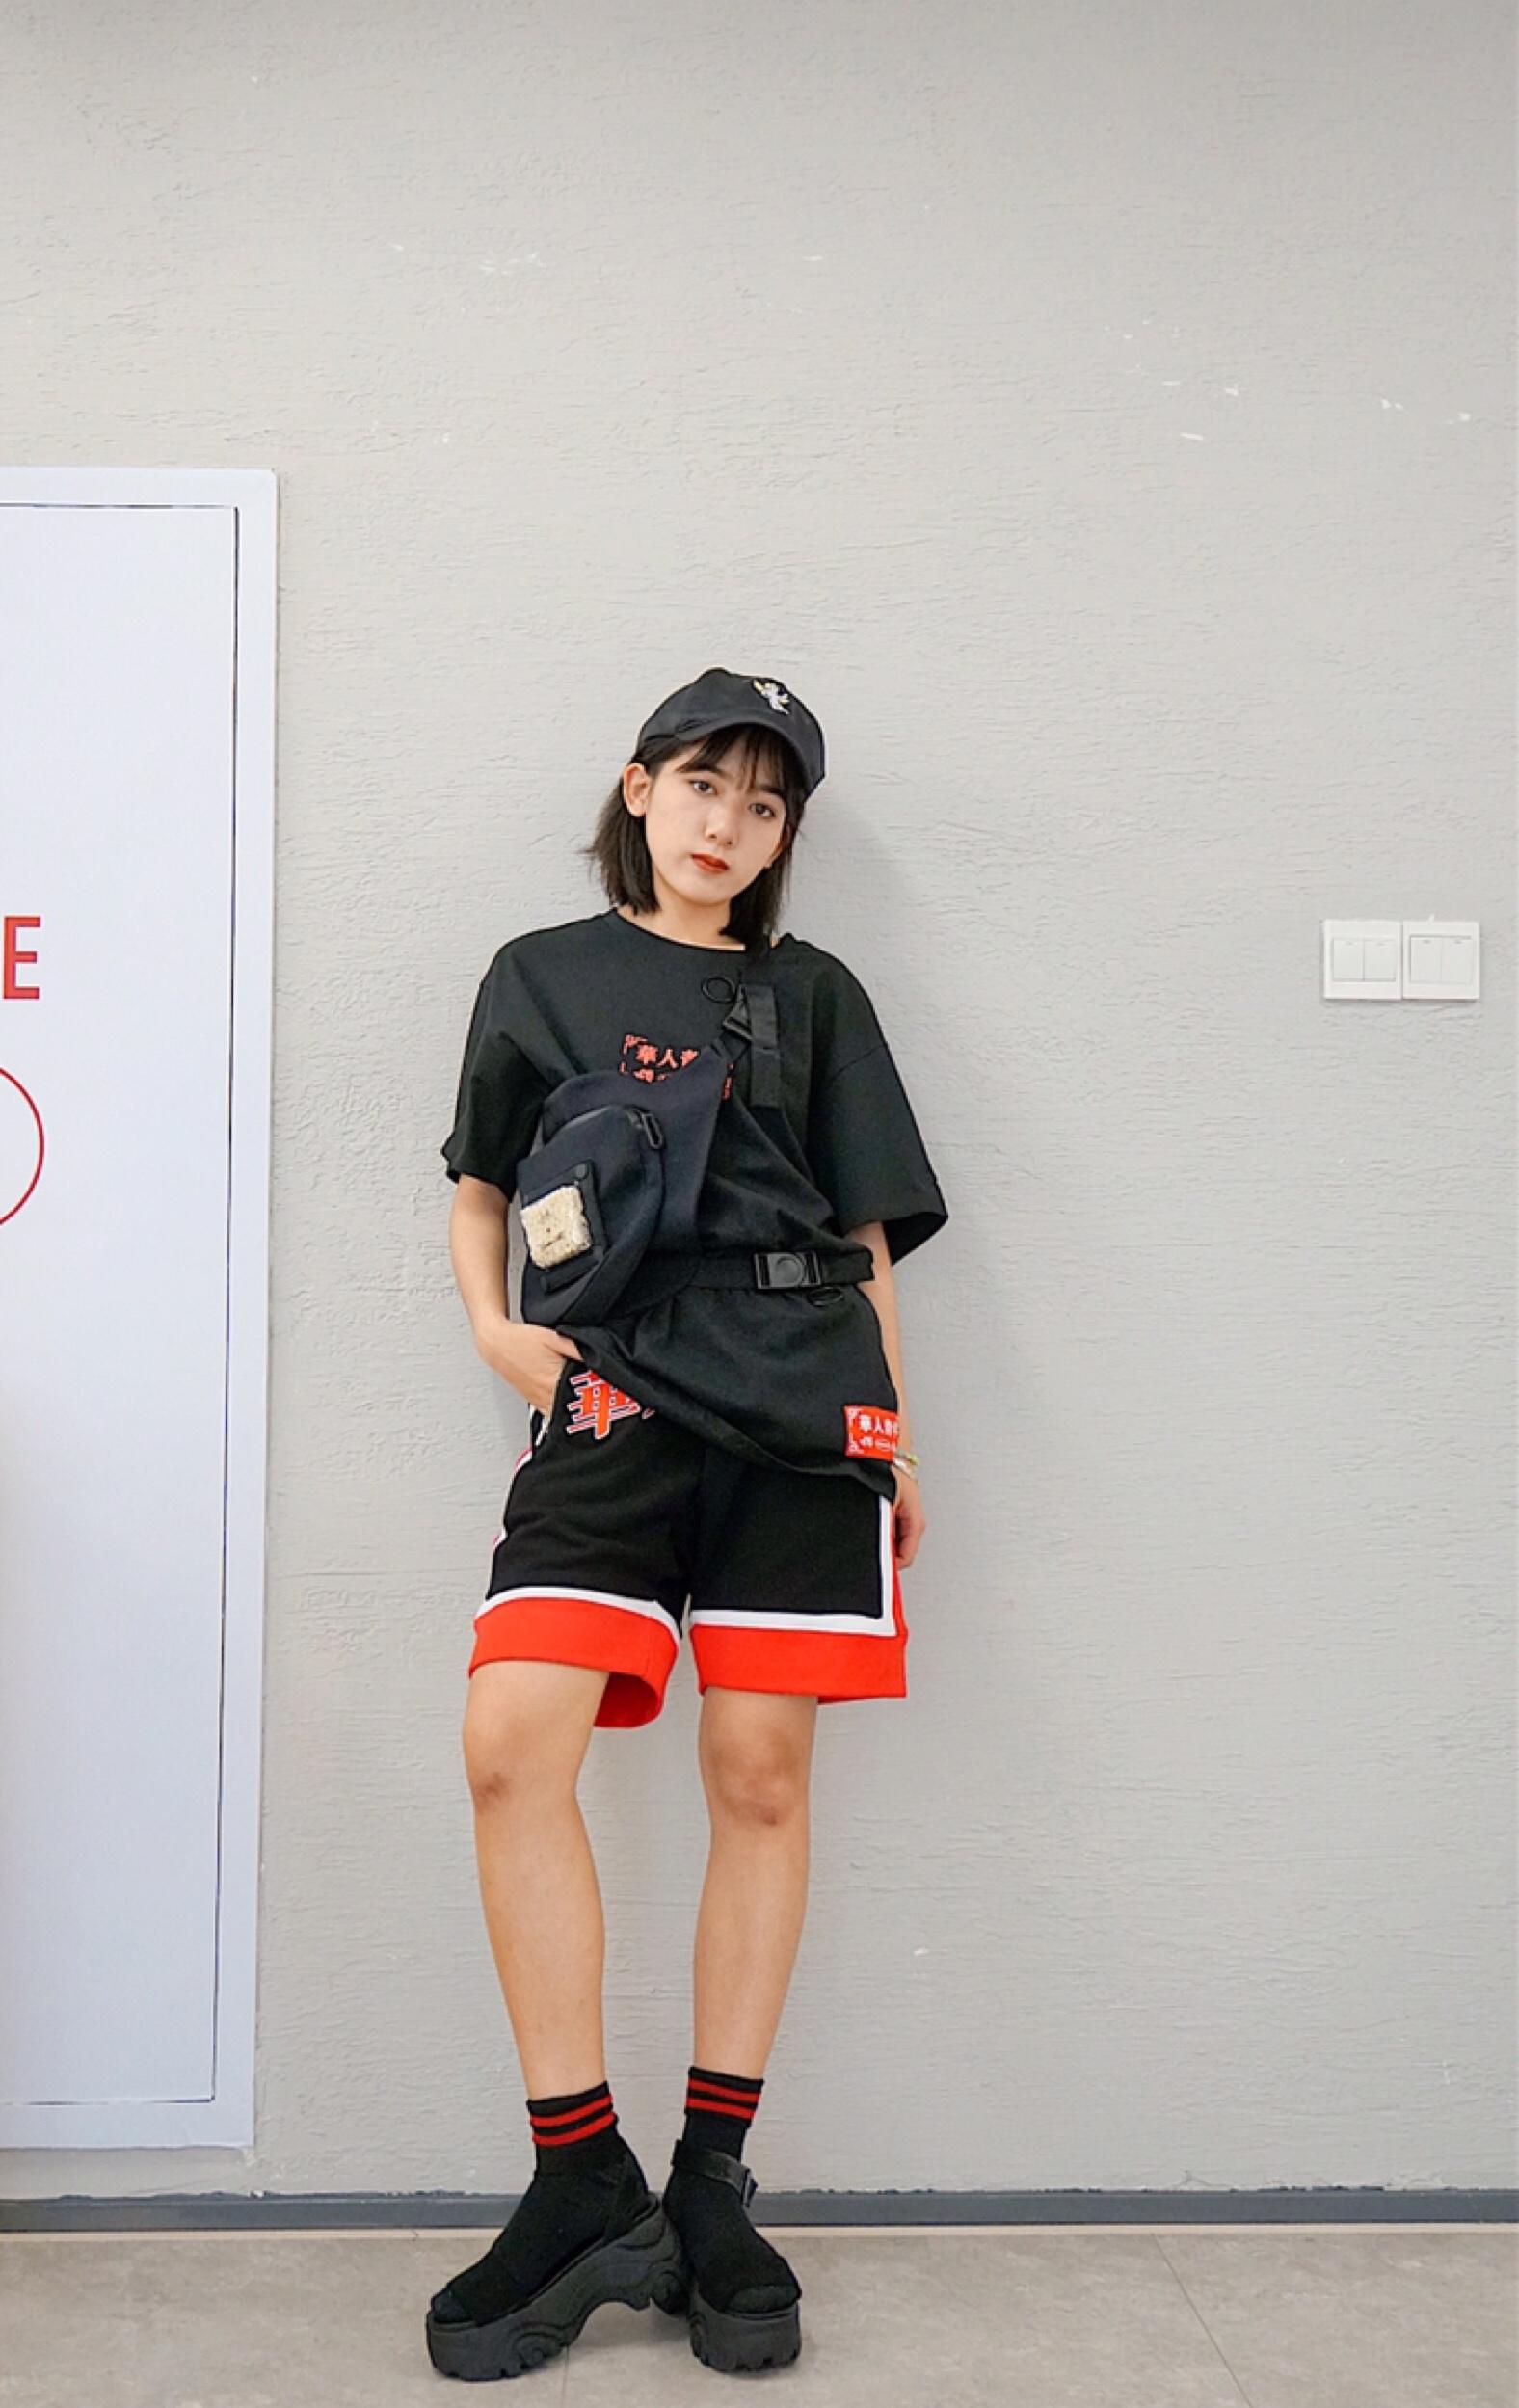 #MOGU STUDIO# 夏天到了又可以买新衣服惹! 华人青年的这一套就超酷的 搭配松糕鞋原宿风很足~ 再次敲黑板 松糕鞋真的太好搭了 腰包也是酷女孩必备品 出门炸街咧